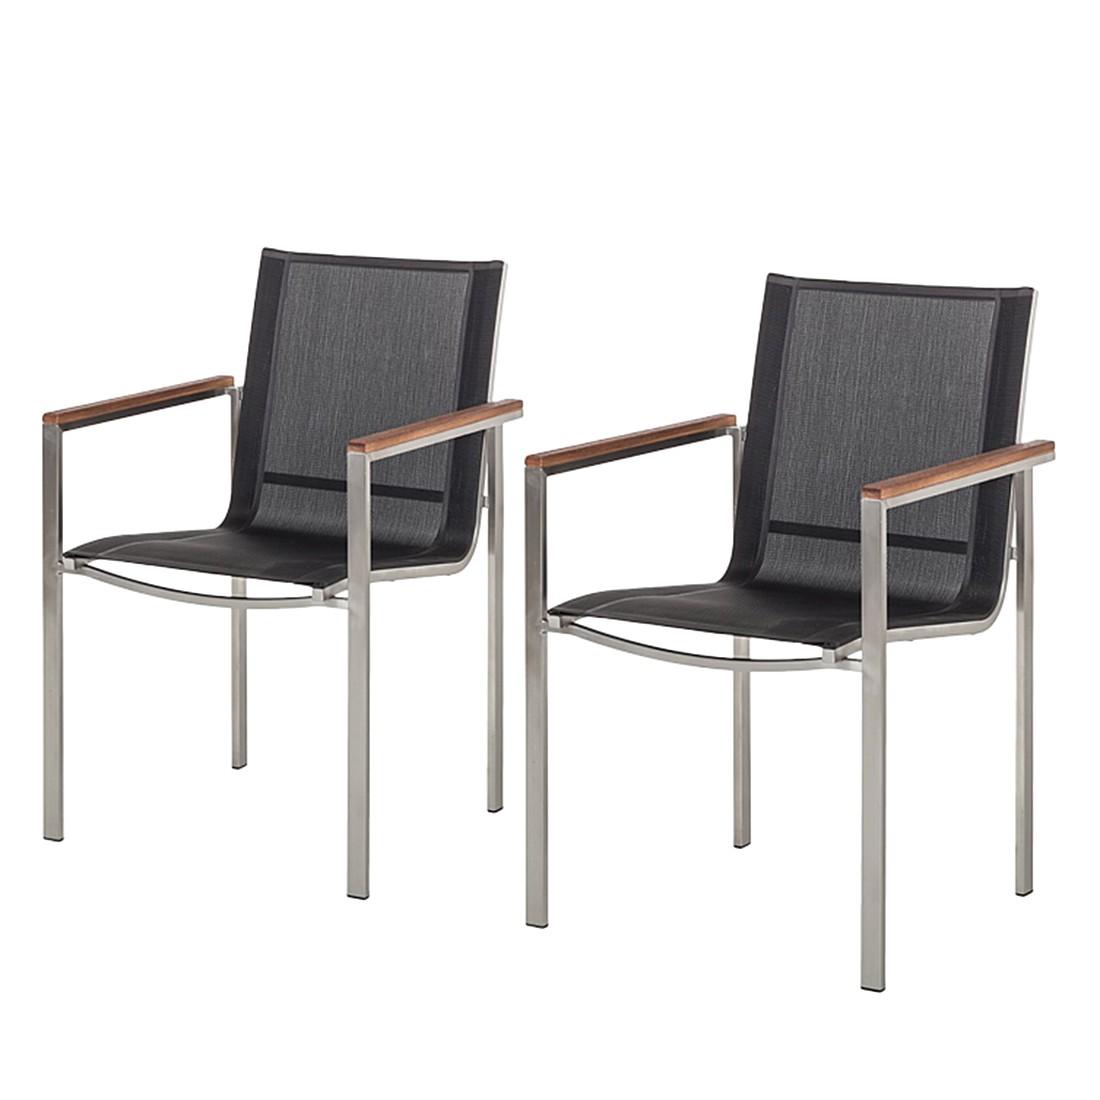 gartenstuhl teak line kiato 2er set edelstahl geb rstet teakholz mit antik ebay. Black Bedroom Furniture Sets. Home Design Ideas